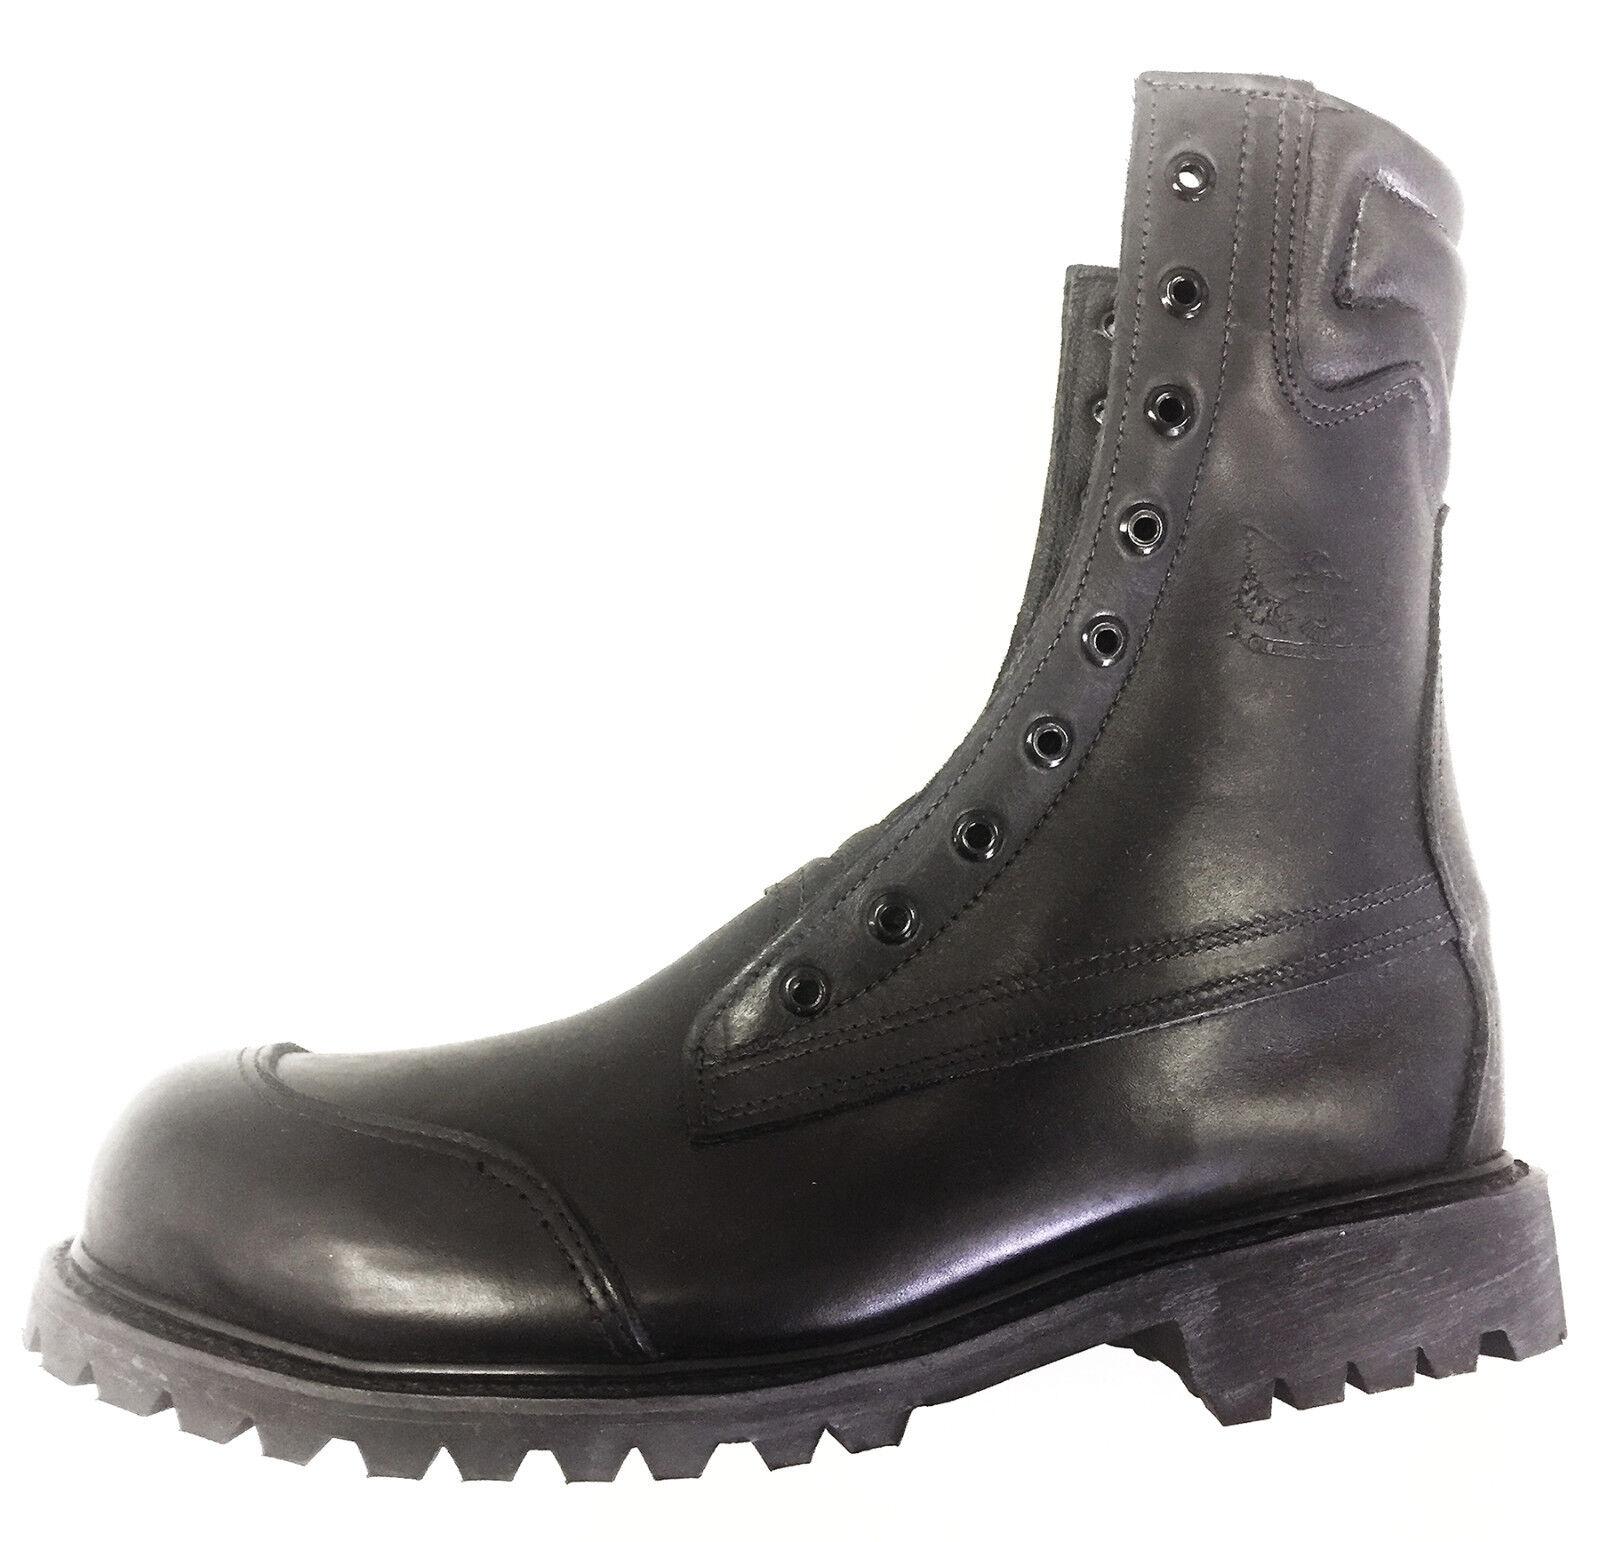 All American 100LA Men's Round Toe Boots, Black